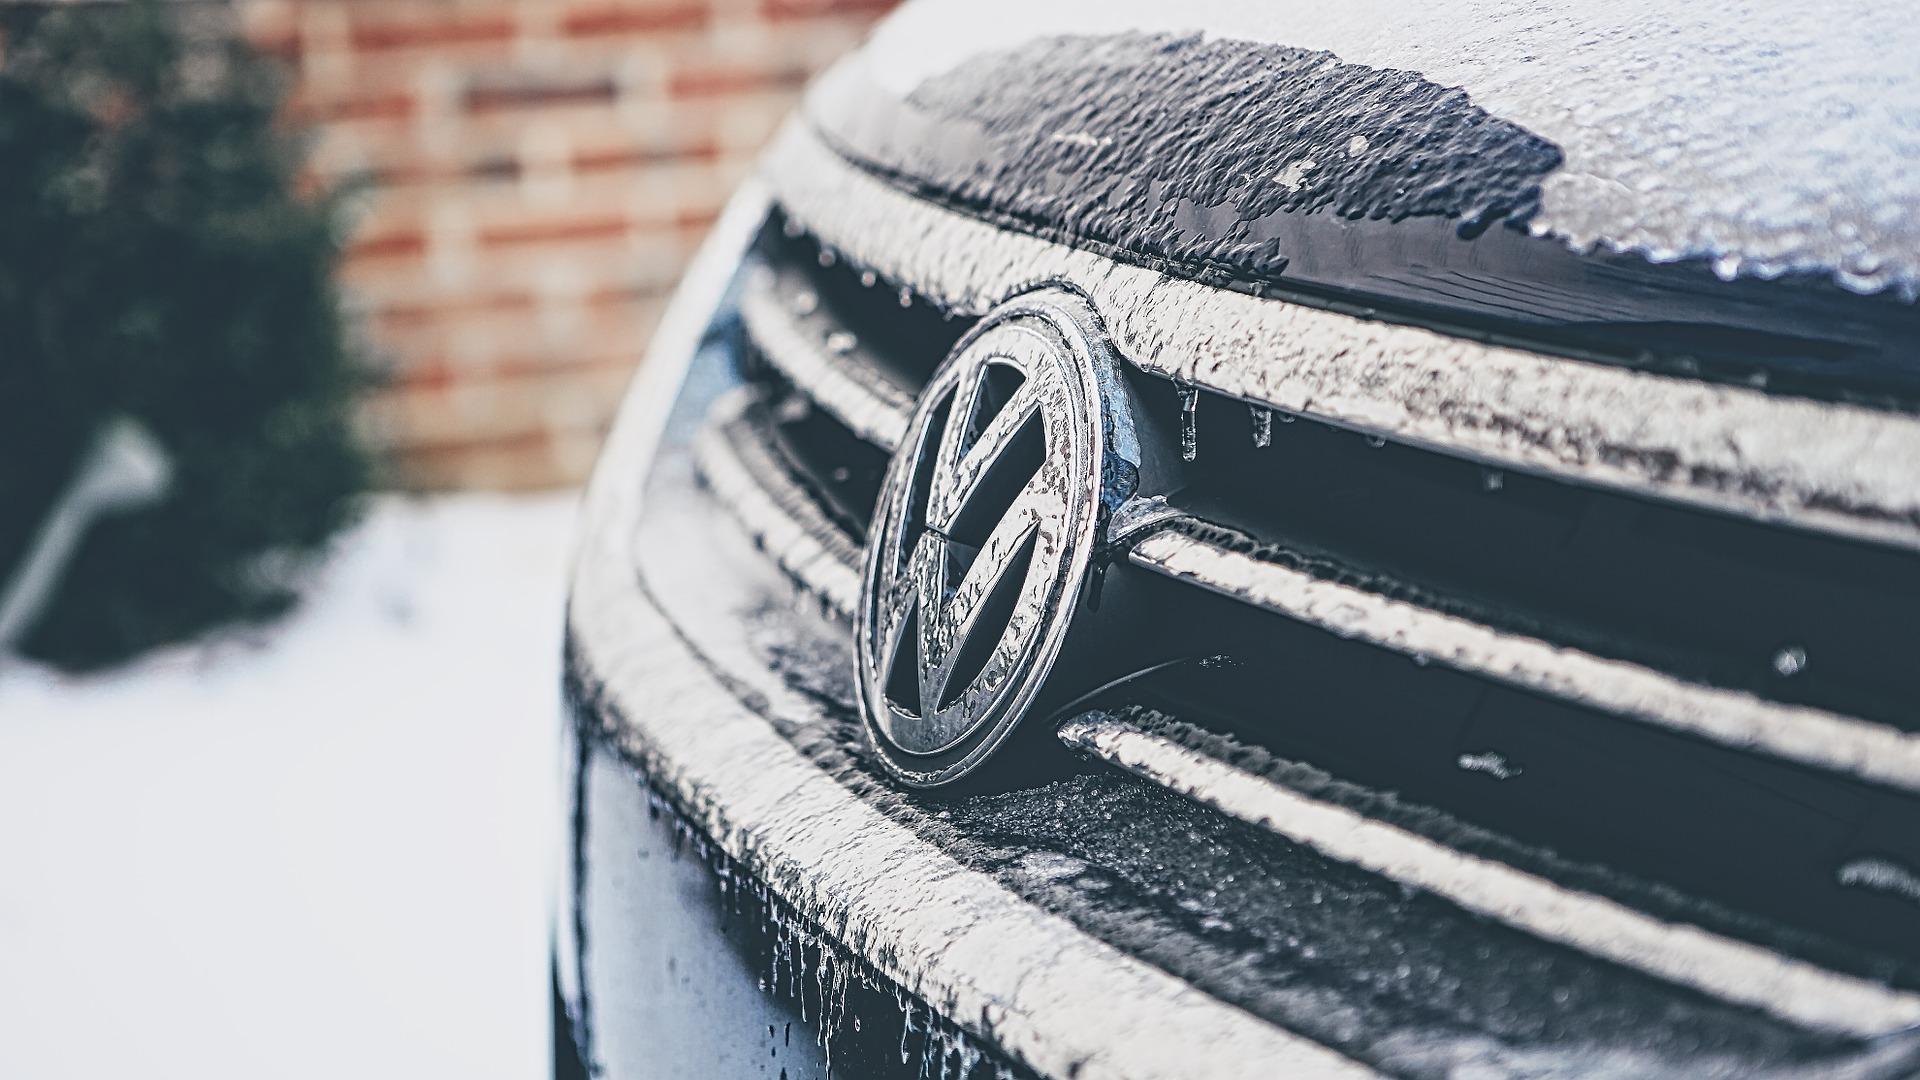 Volkswagen golf badge in snow